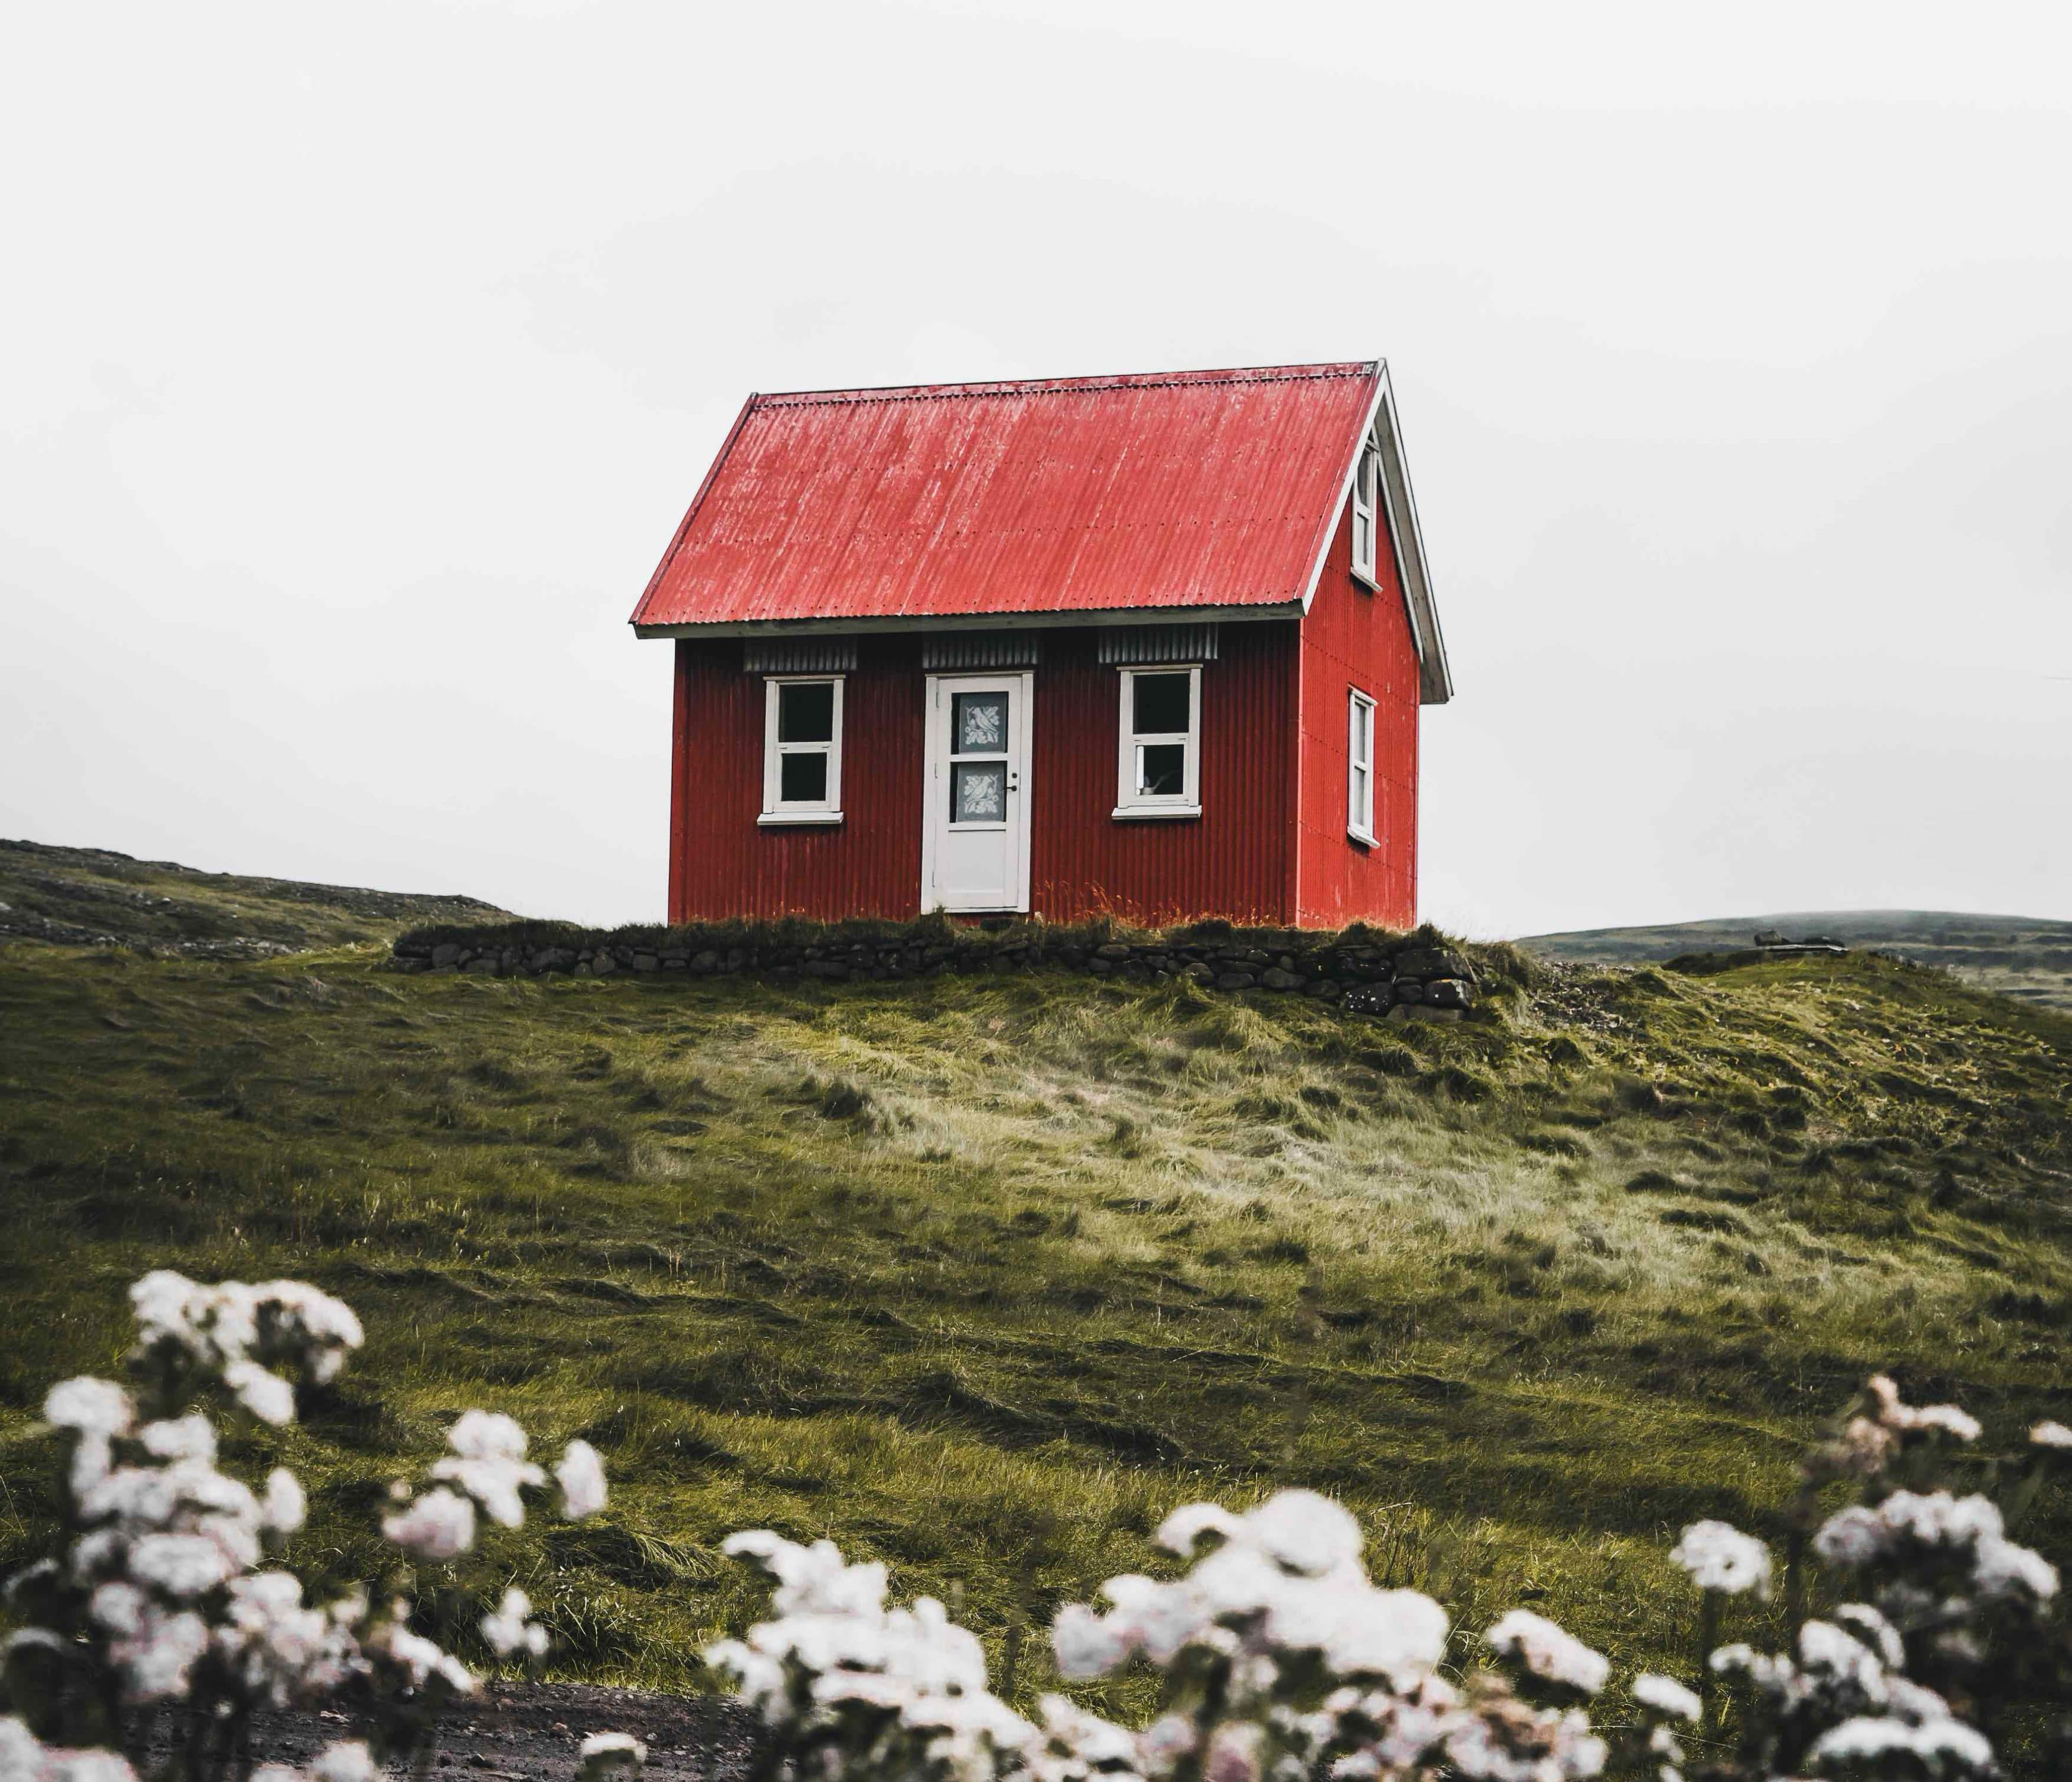 Sie sehen ein kleines Haus